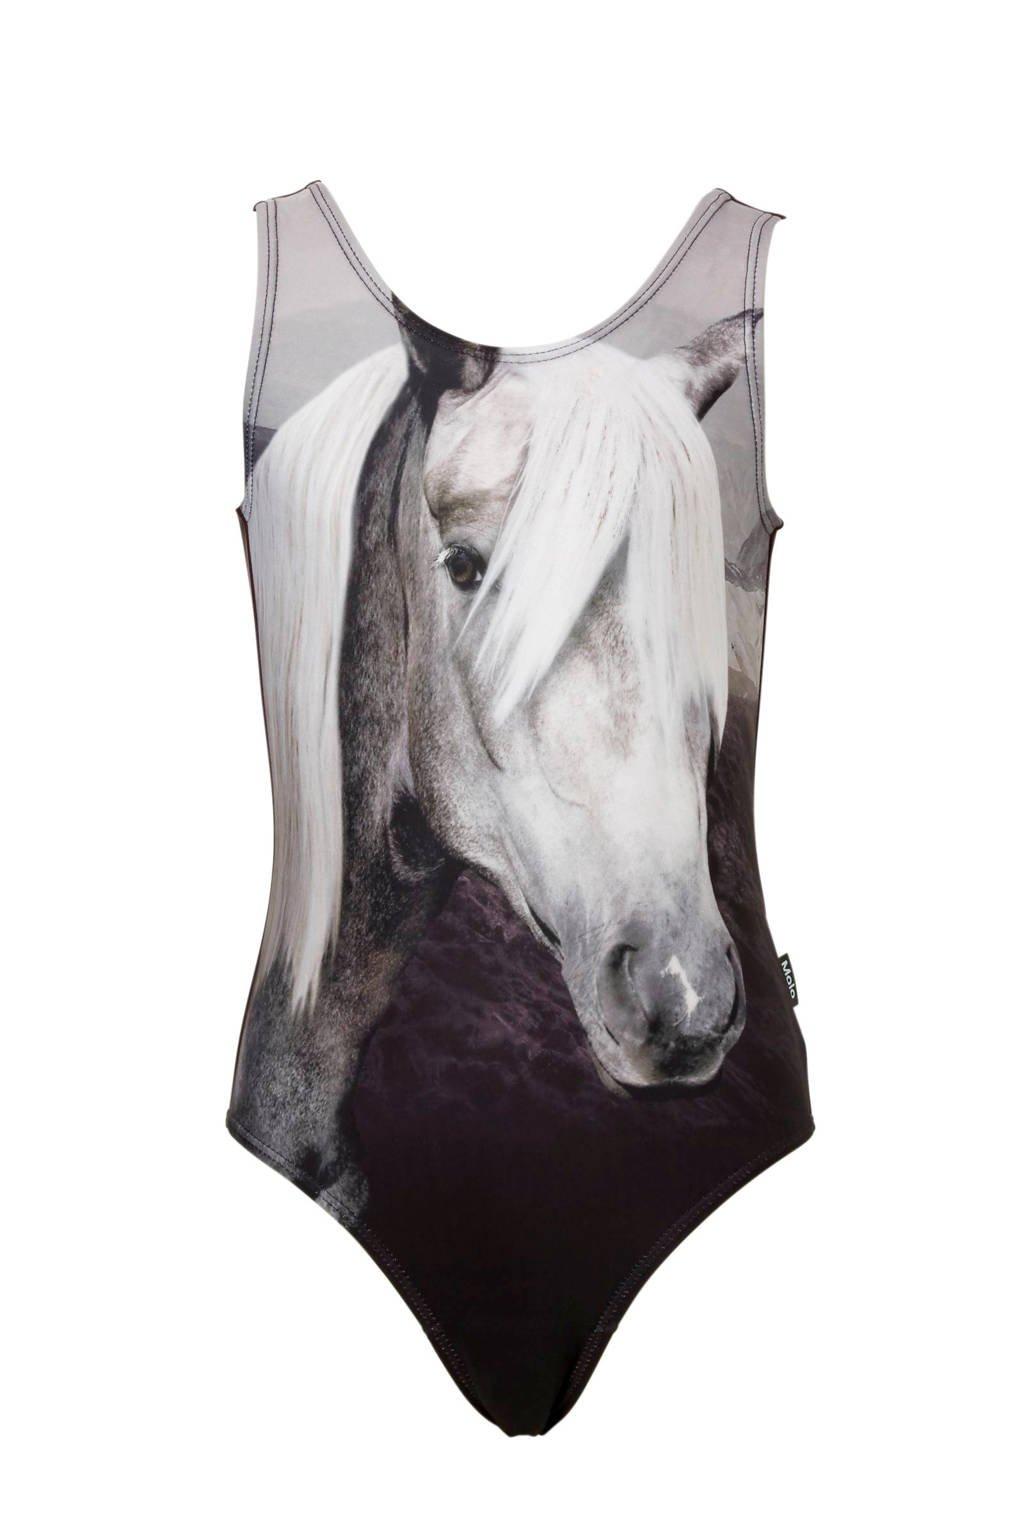 Molo badpak met paarden print zwart/wit, Zwart.wit